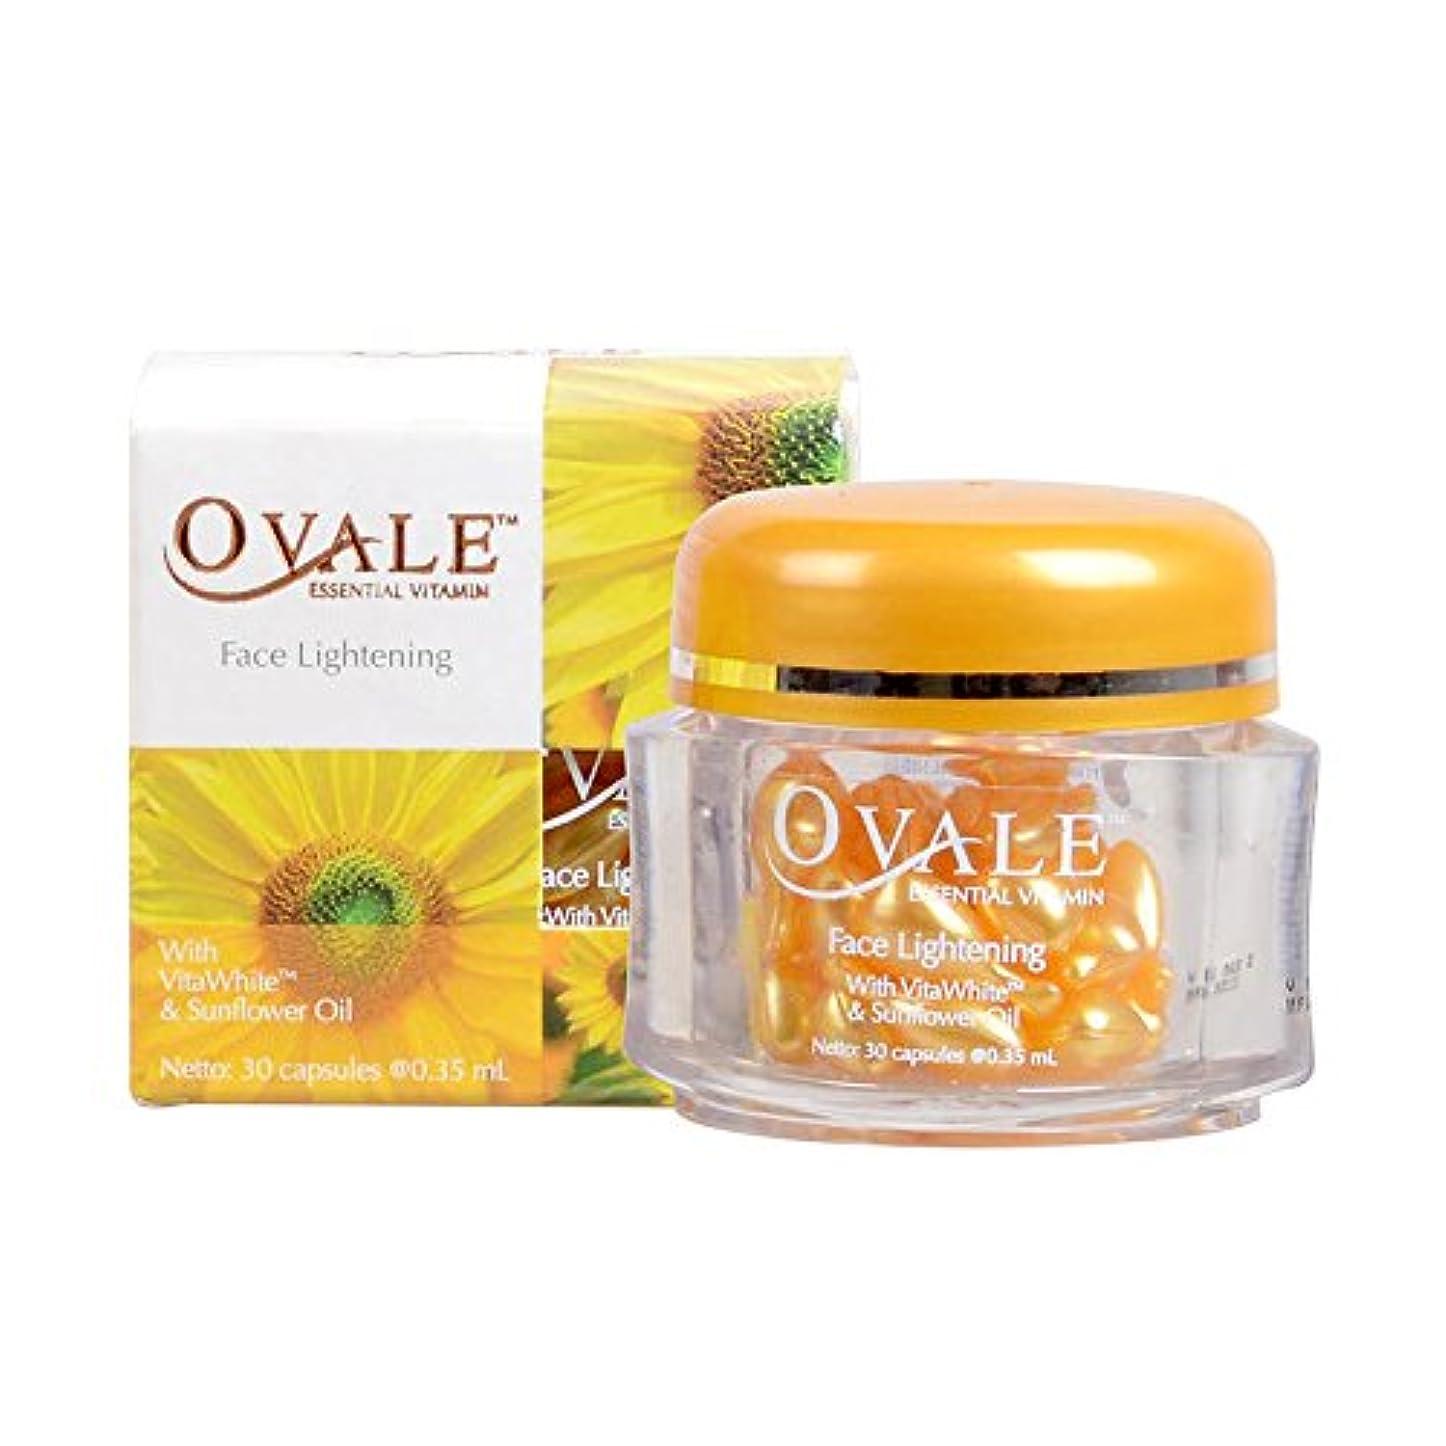 見る徹底的に座標Ovale オーバル フェイシャル美容液 essential vitamin エッセンシャルビタミン 30粒入ボトル×2個 サンフラワー [海外直送品]